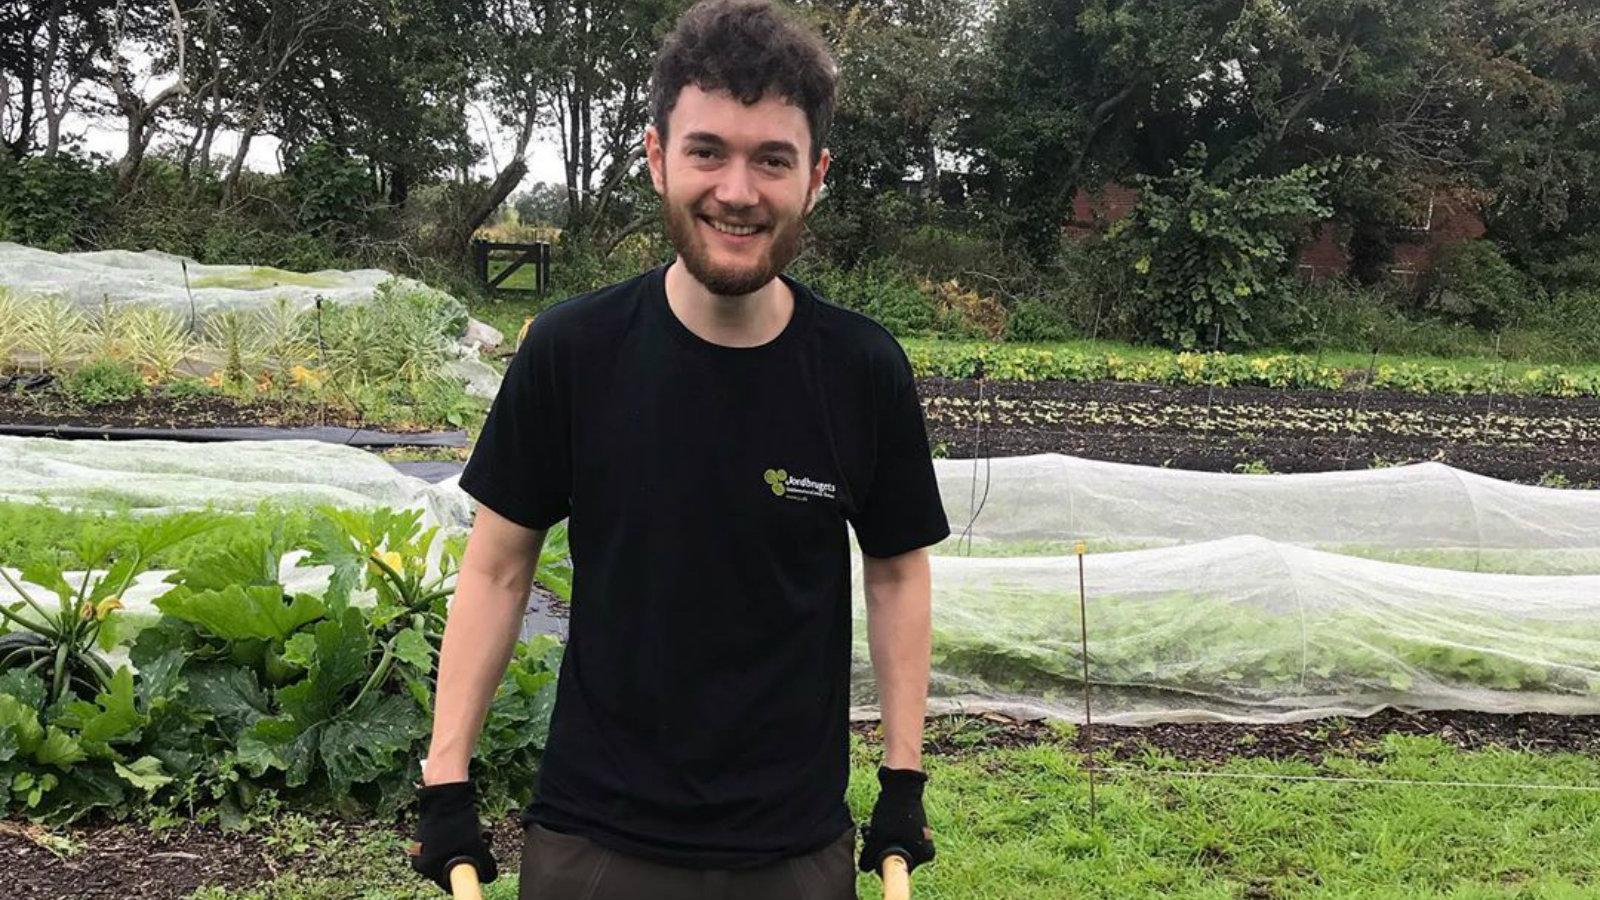 Twitch streamer Dafran is now a farmer